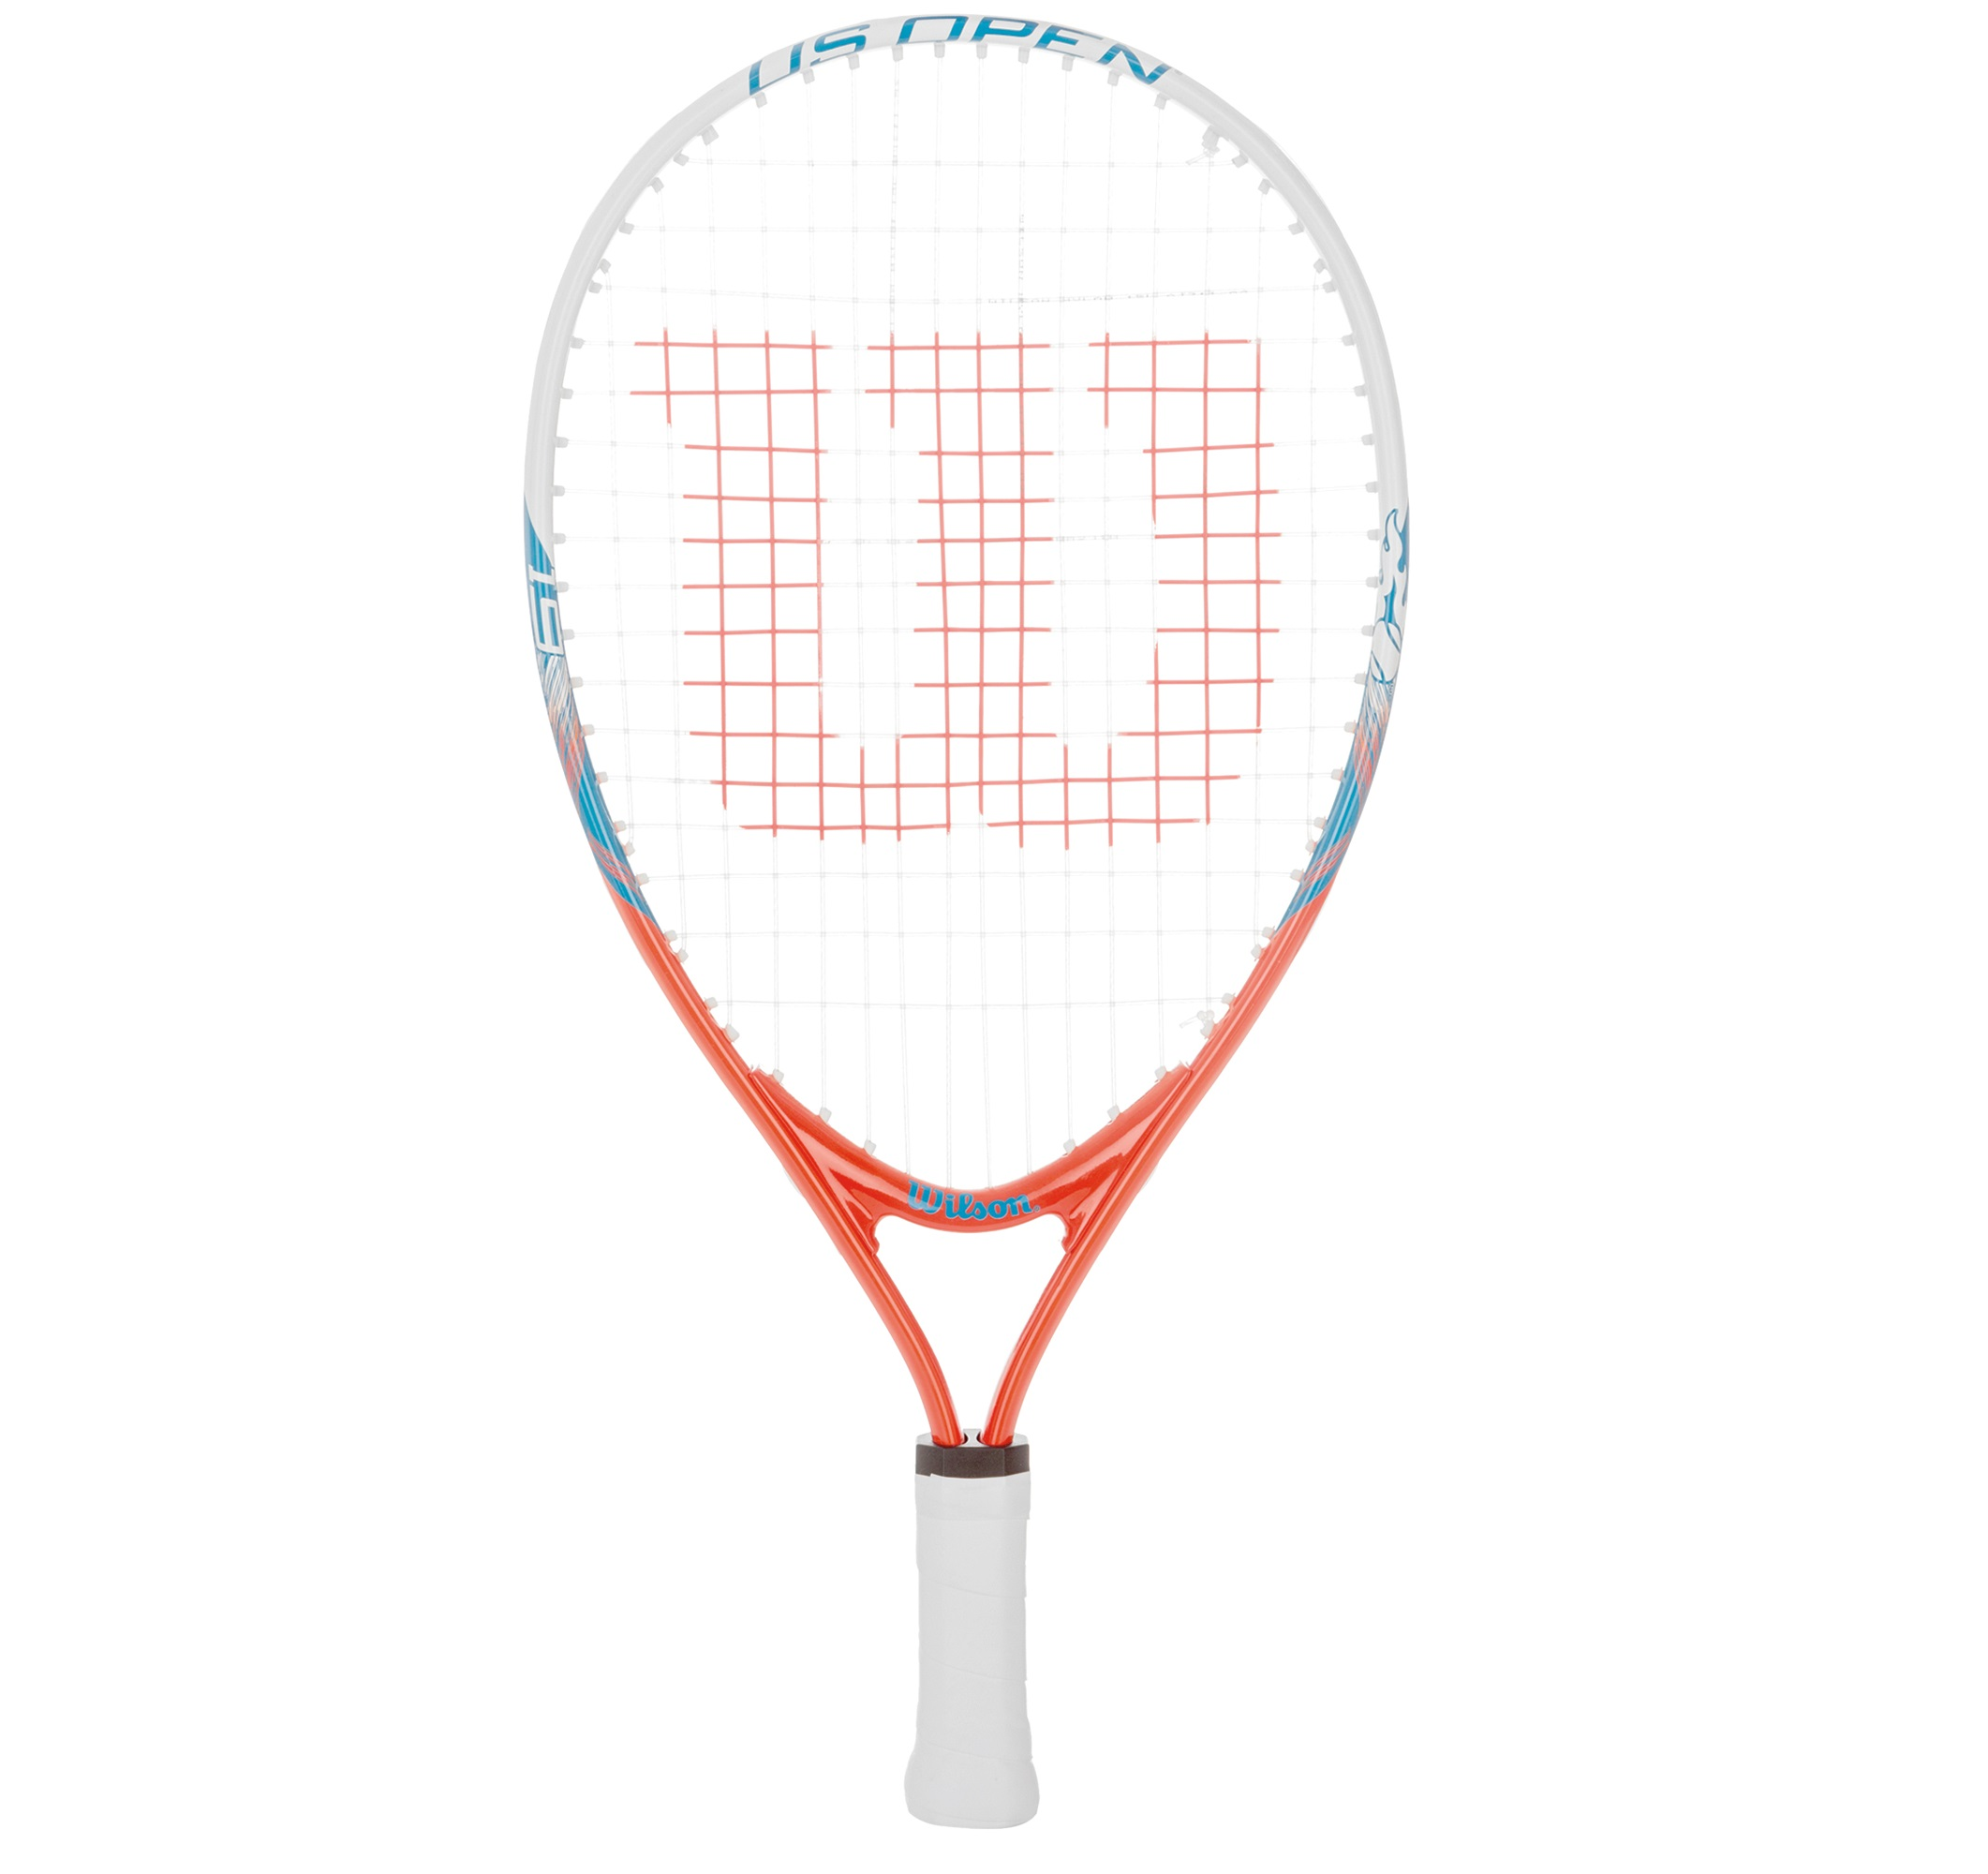 Wilson Ракетка для большого тенниса детская Wilson US Open 19 wilson набор мячей для большого тенниса wilson australian open 3 ball can размер без размера